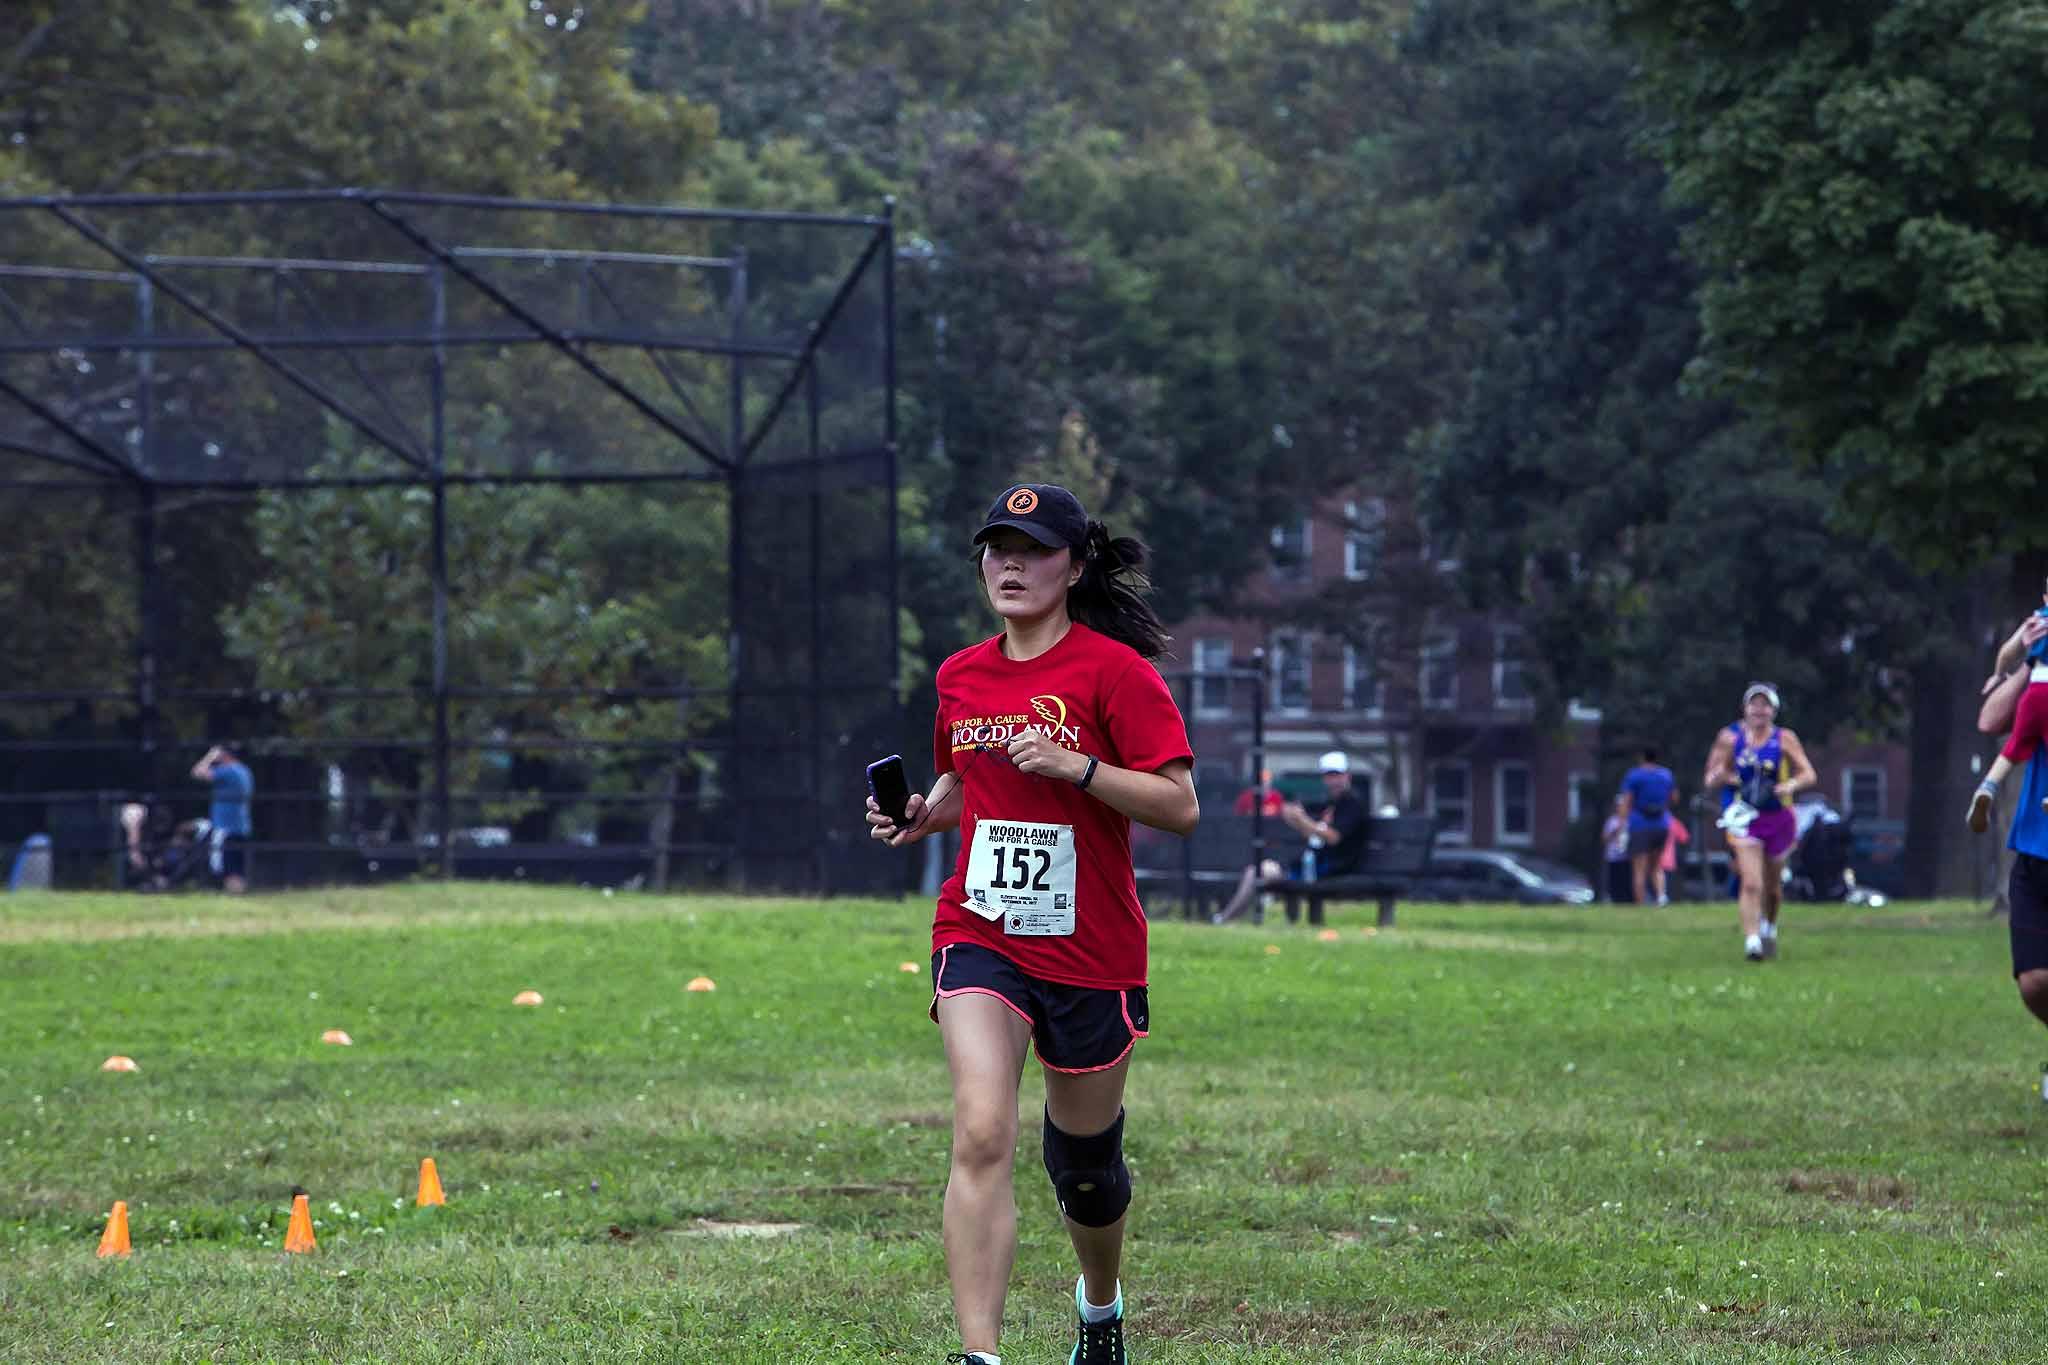 135-Woodlawn Run for a Cause-345.jpg